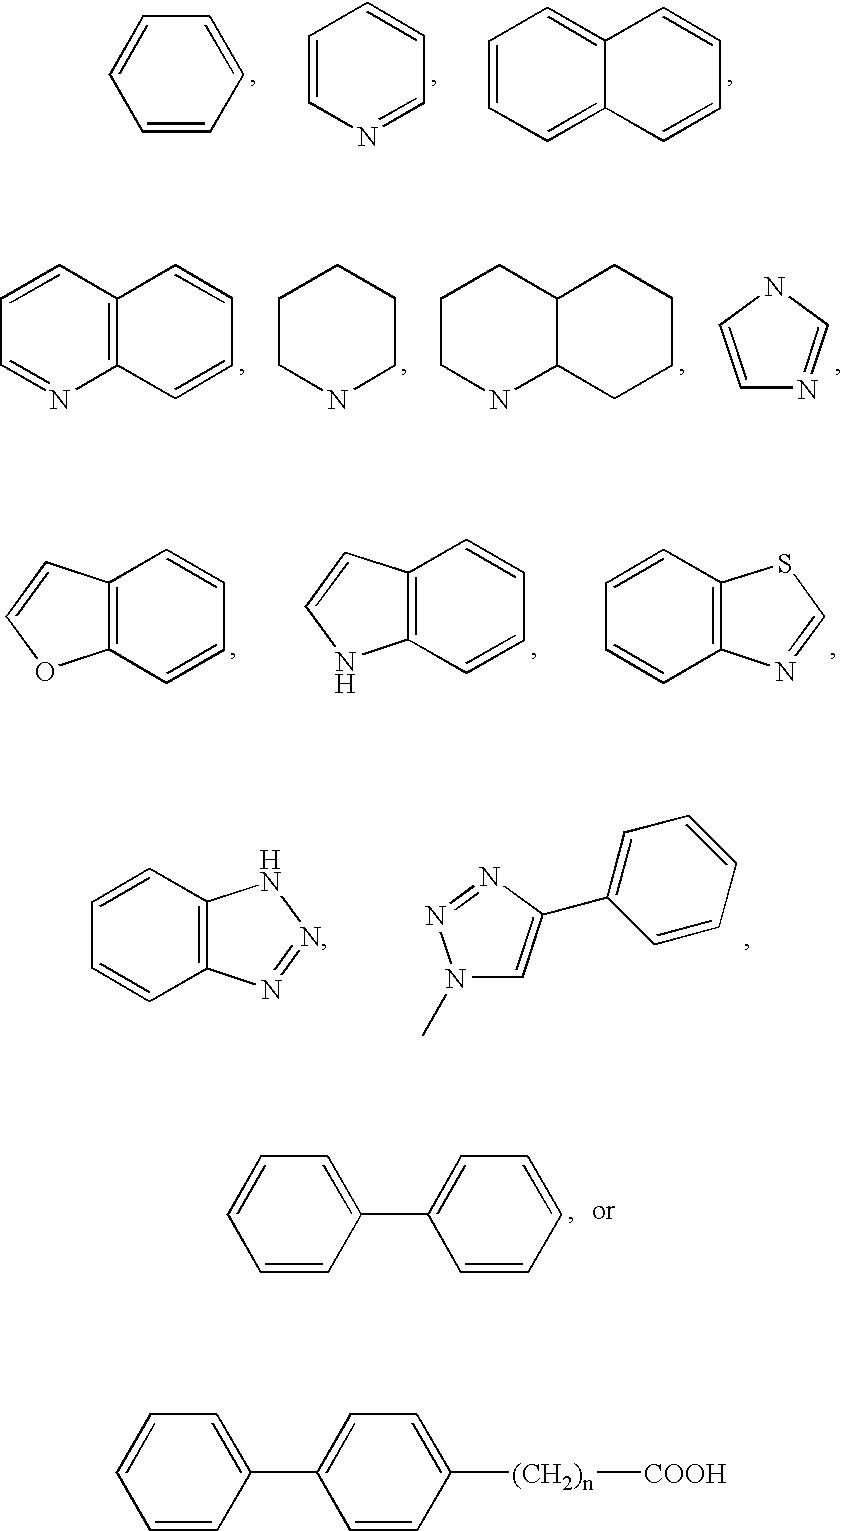 Figure US20070054870A1-20070308-C00007